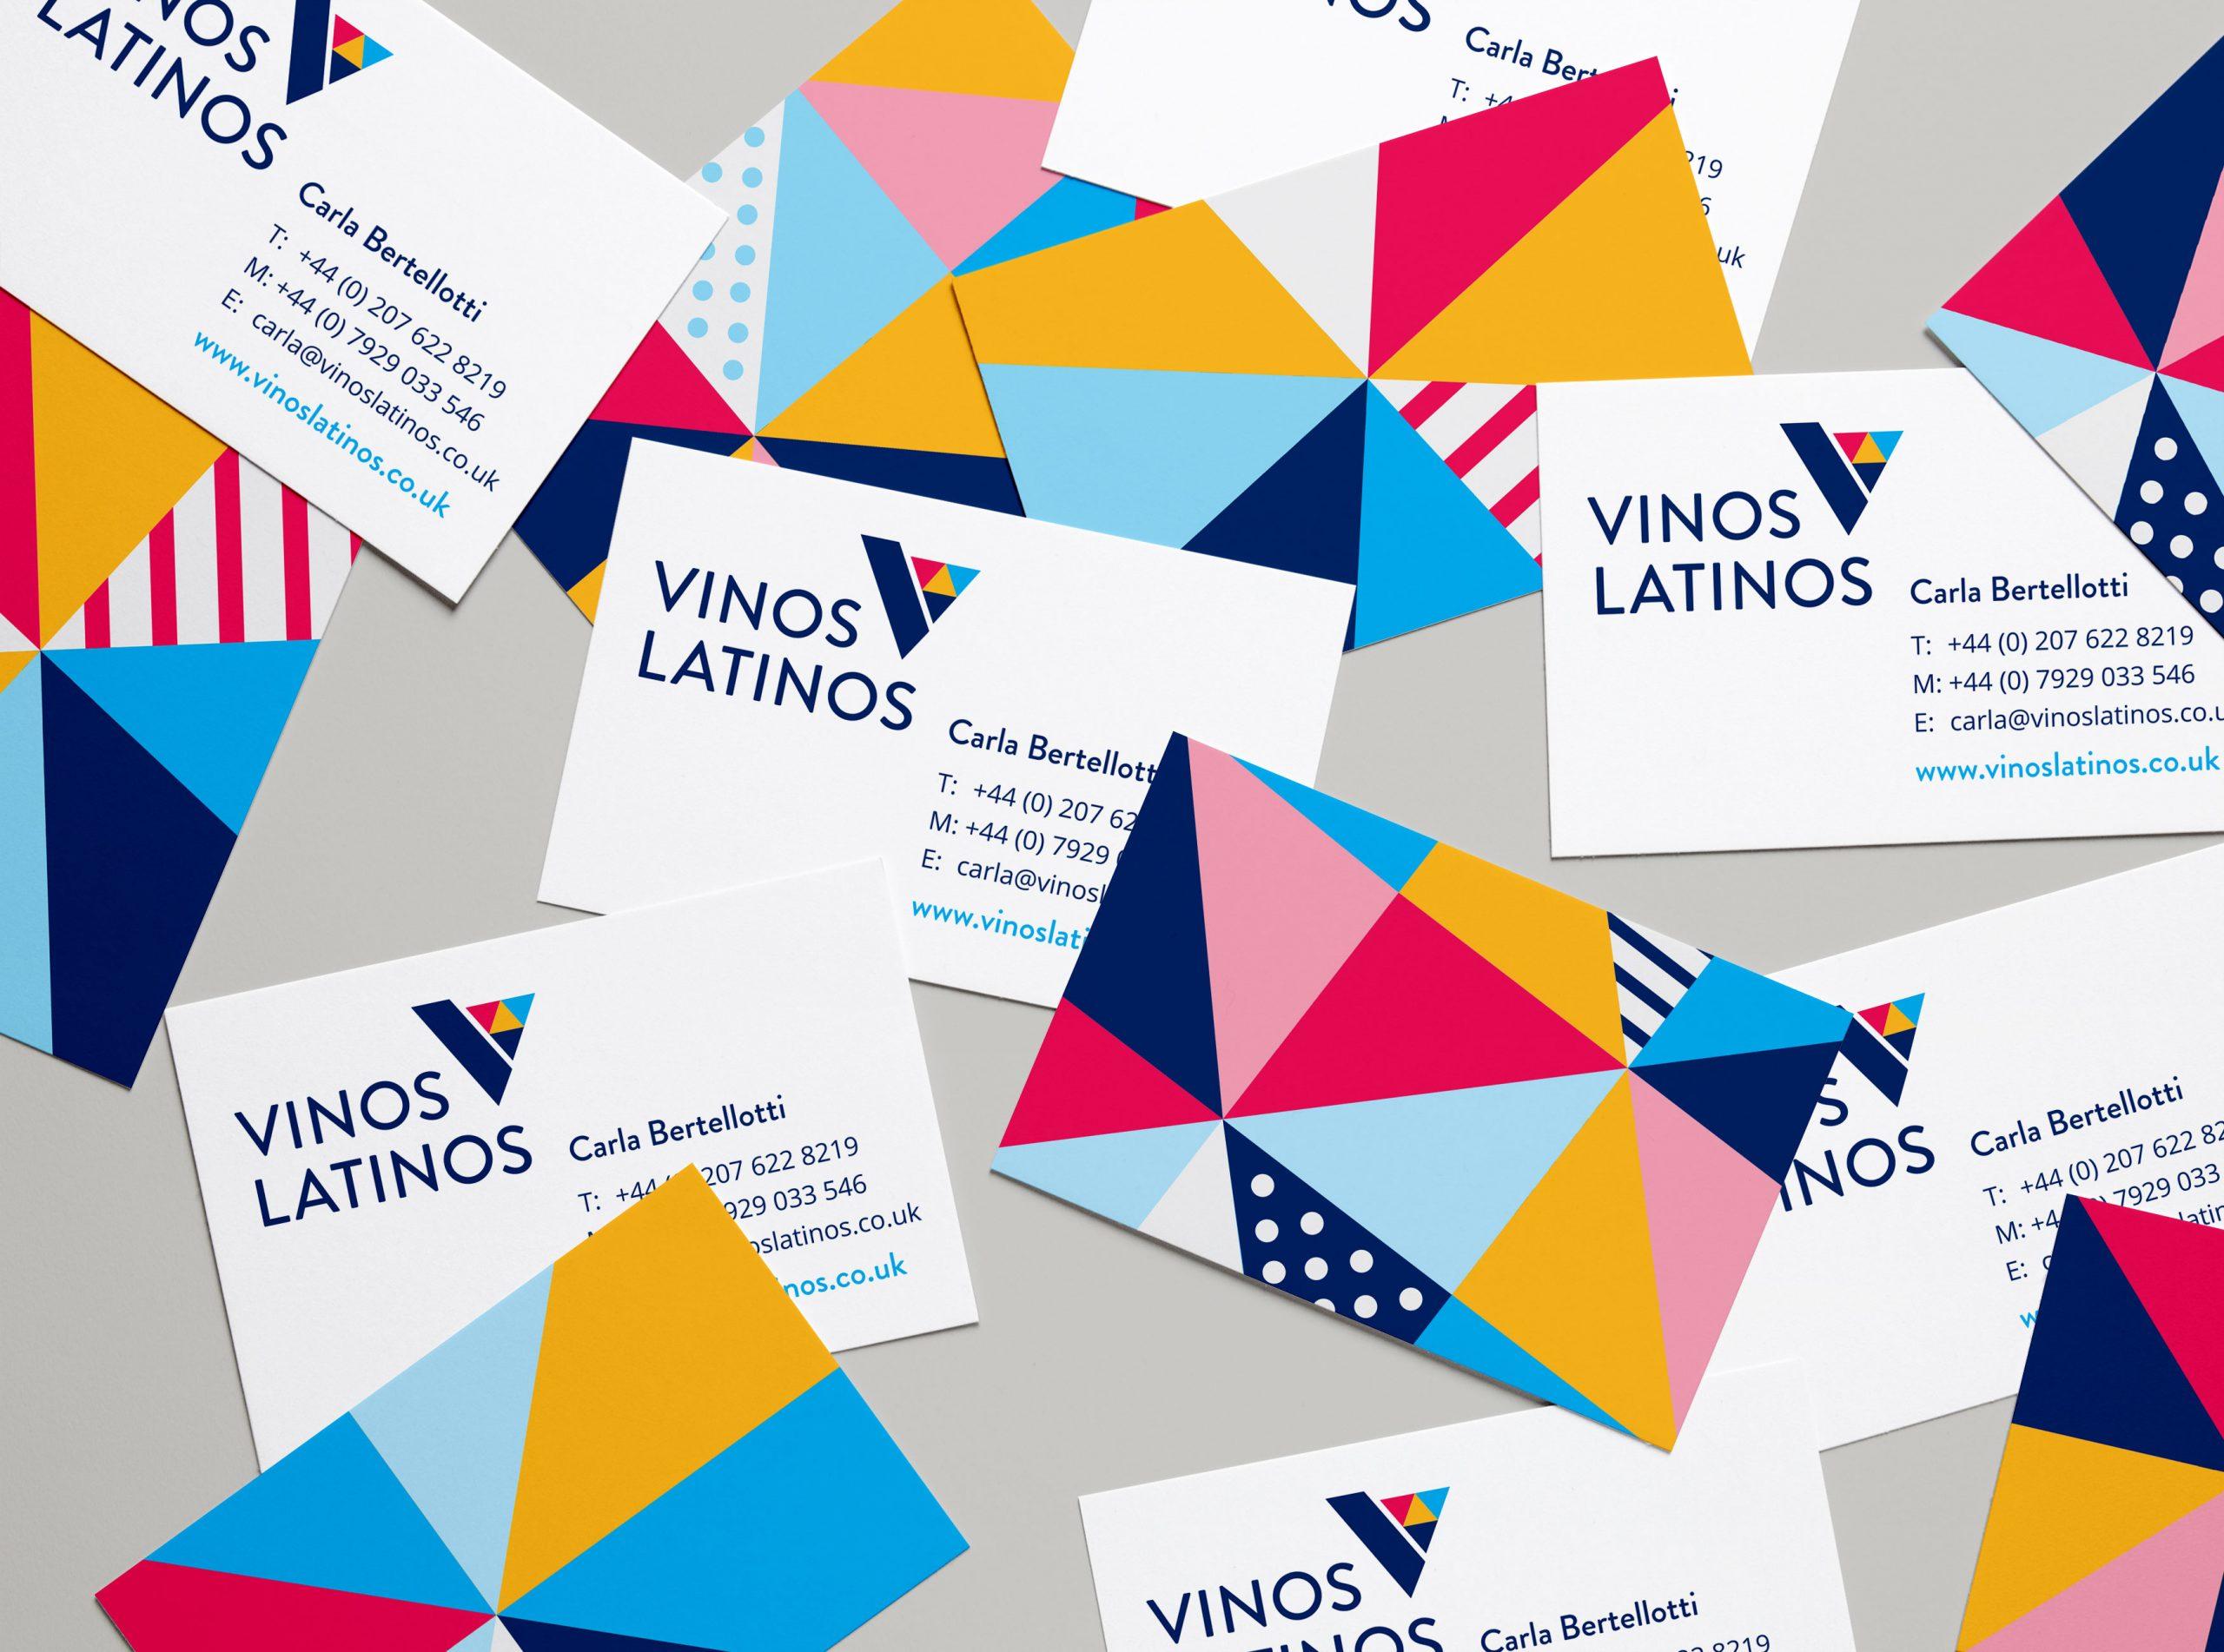 Vinos Latinos Business Cards